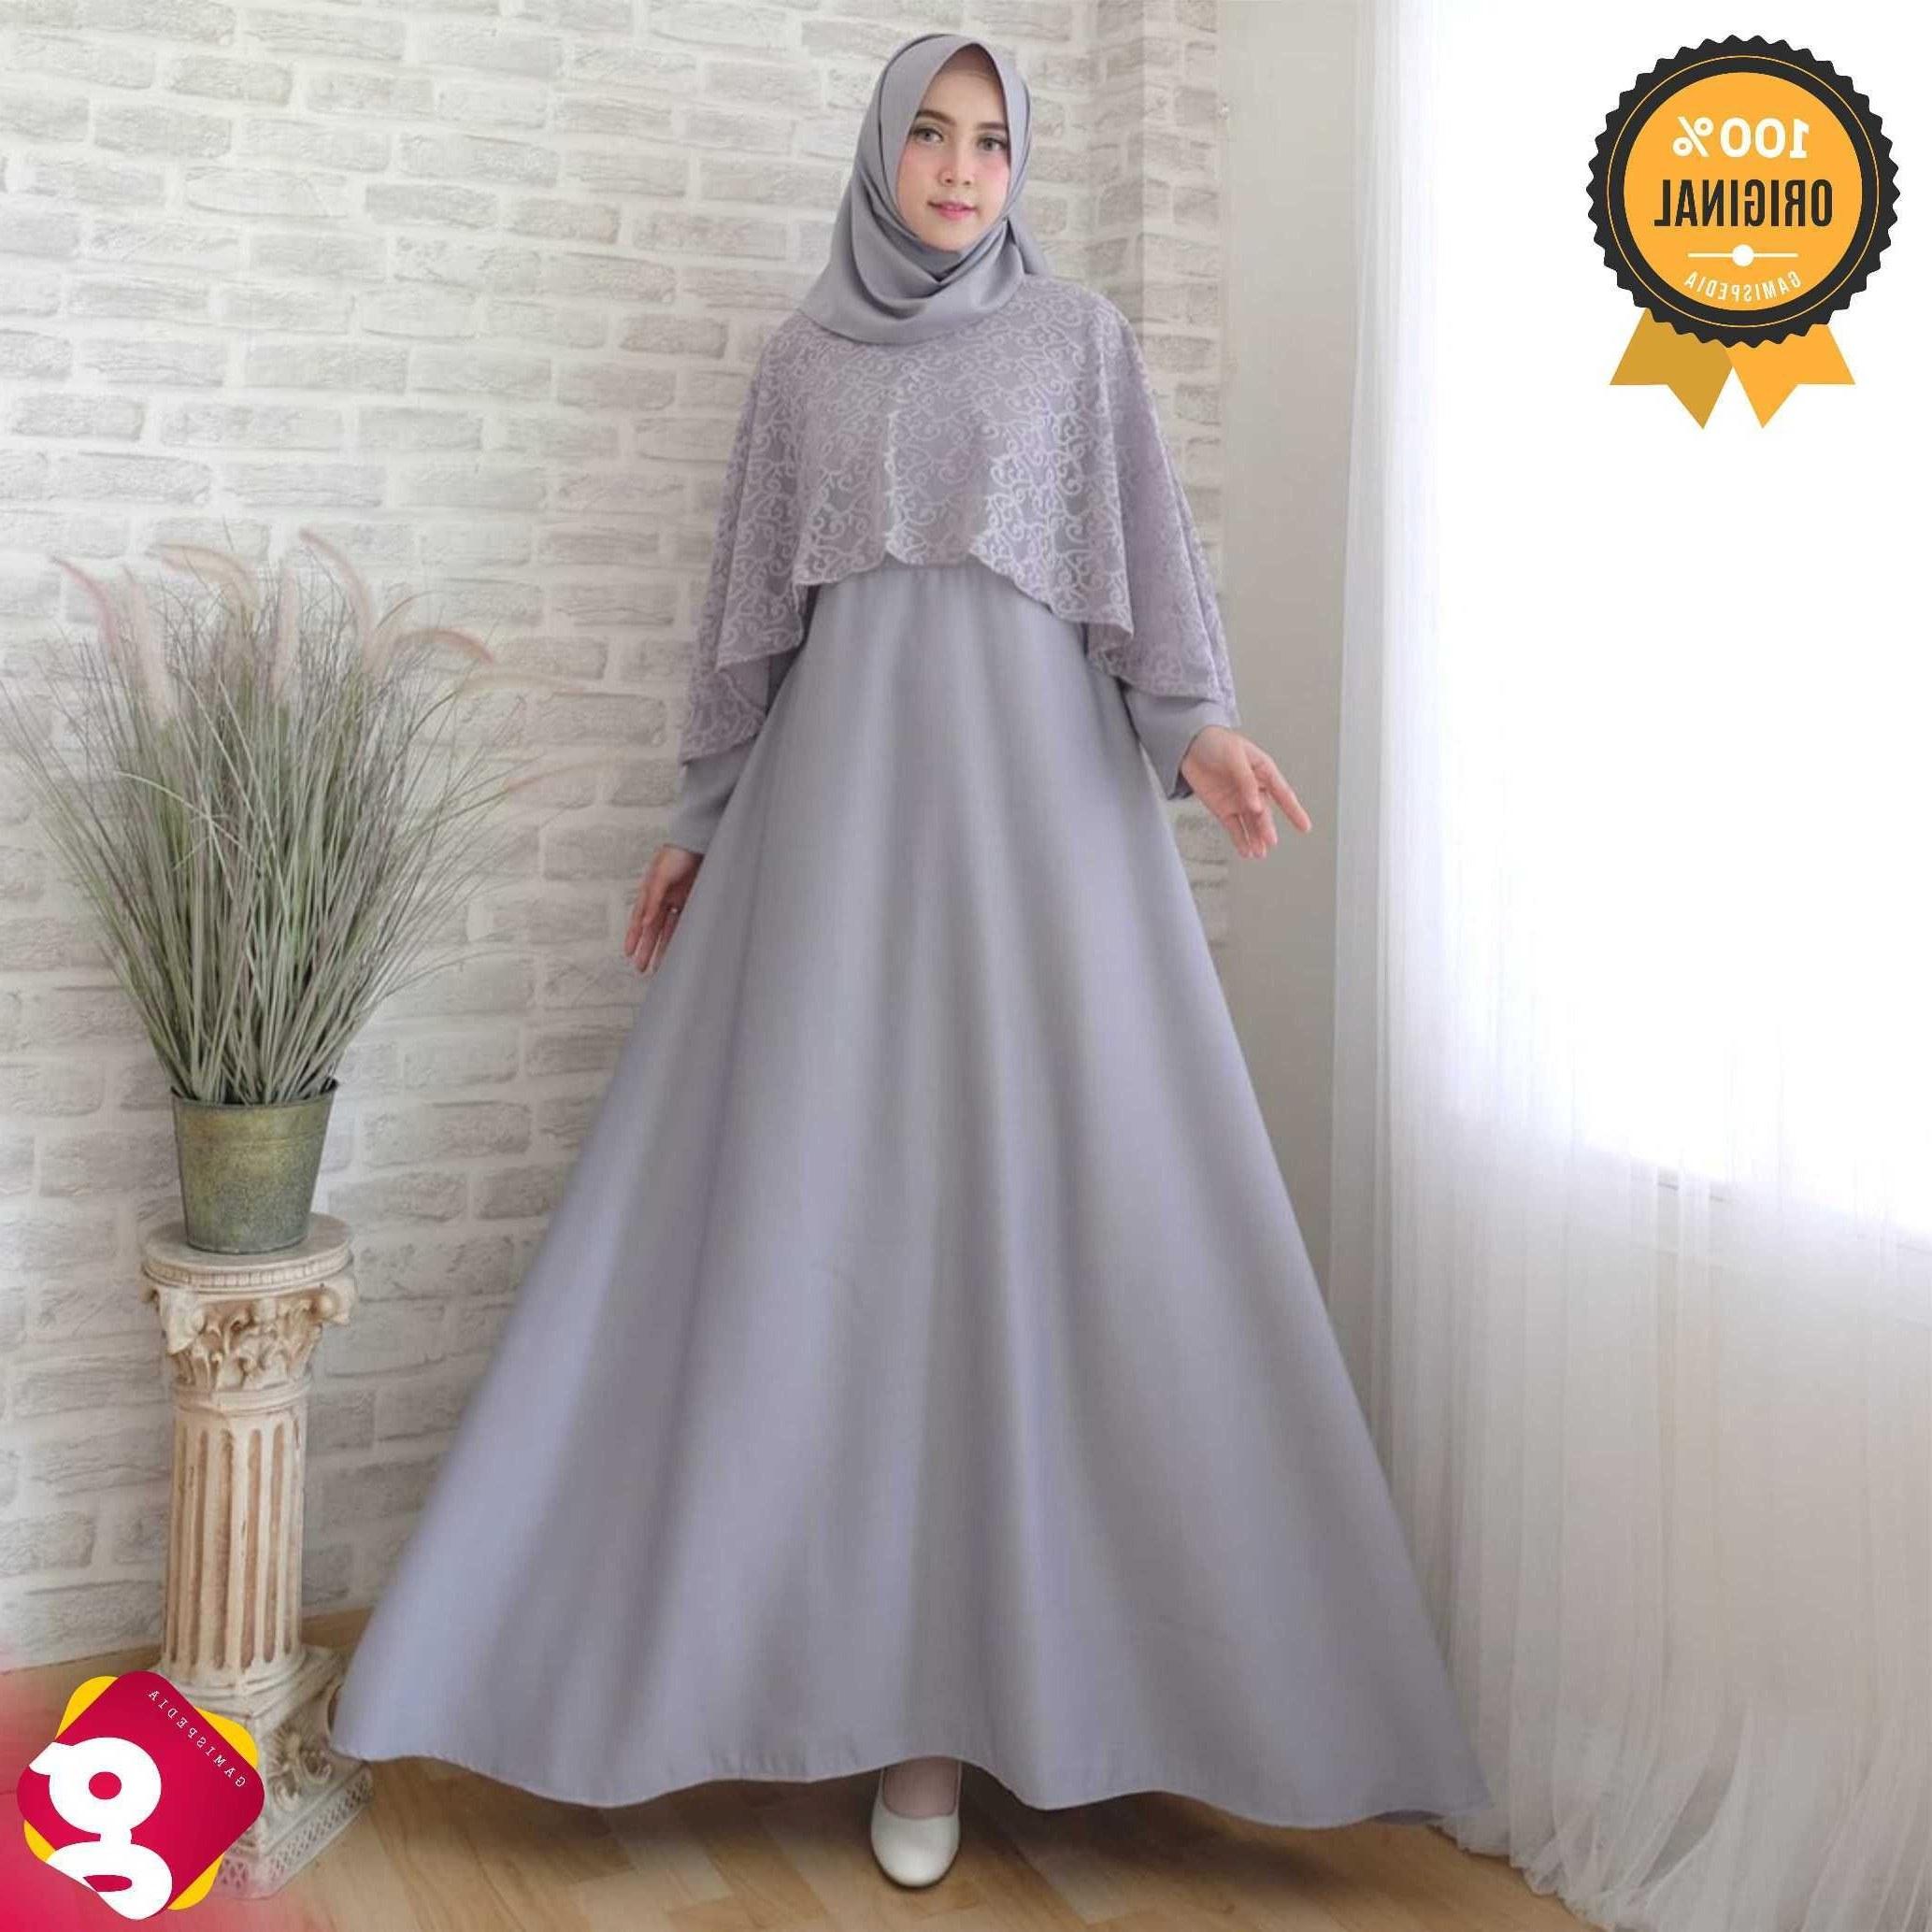 Ide Gamis Brokat Pernikahan 3ldq Batik Lebaran Keluarga Model Baju Pesta Pernikahan Modern